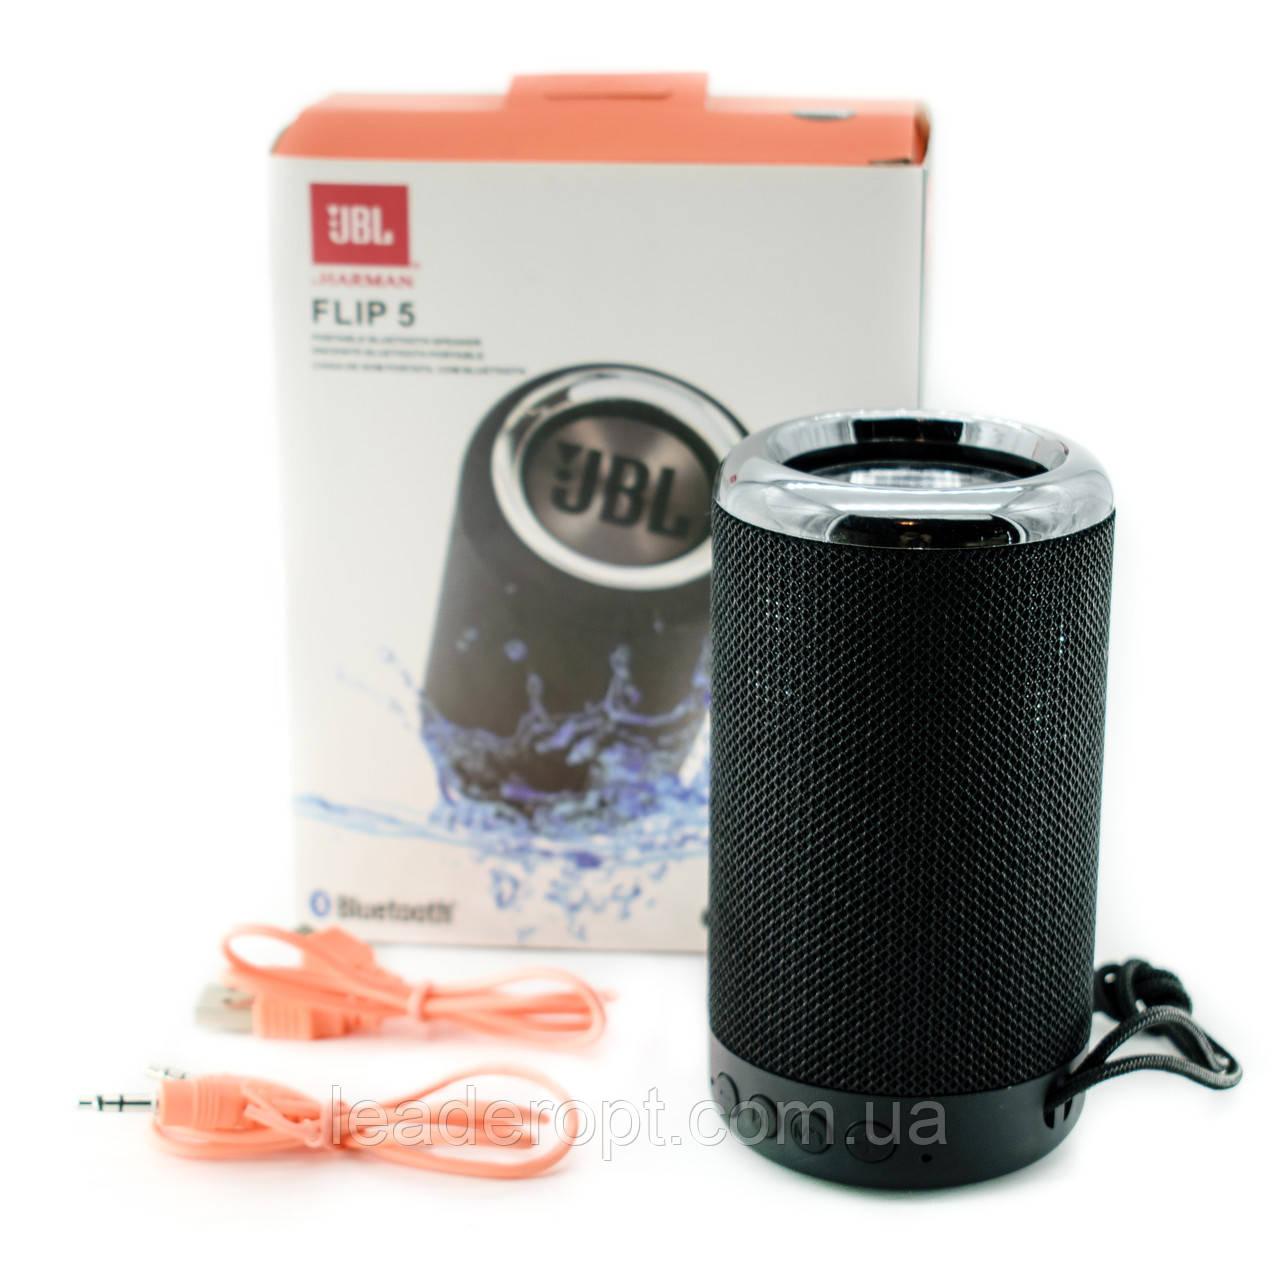 ОПТ Портативная колонка JBL Flip 5 акустическая система беспроводной Bluetooth динамик переносной с USB